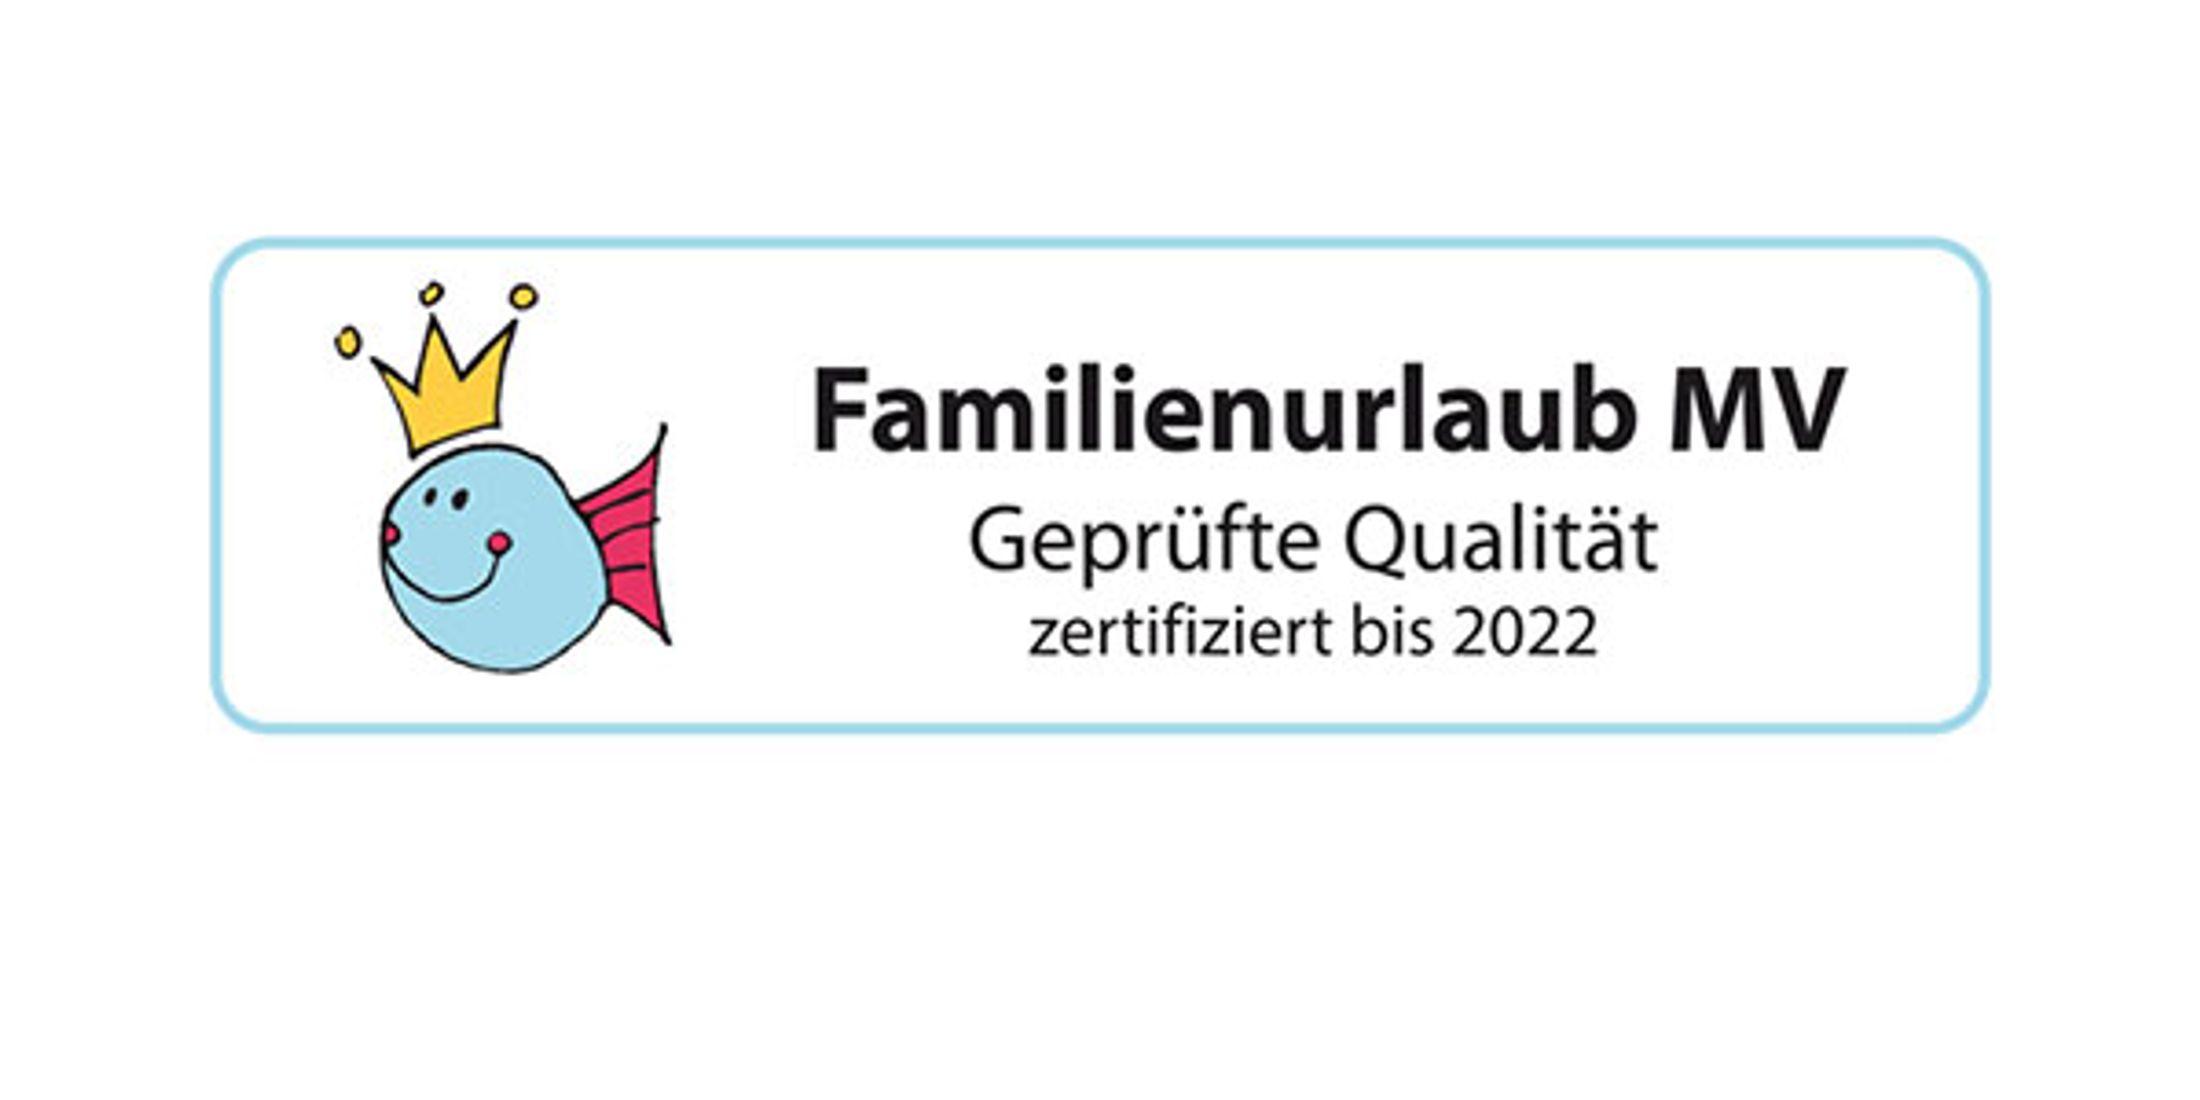 Familienurlaub MV Koserow 2022